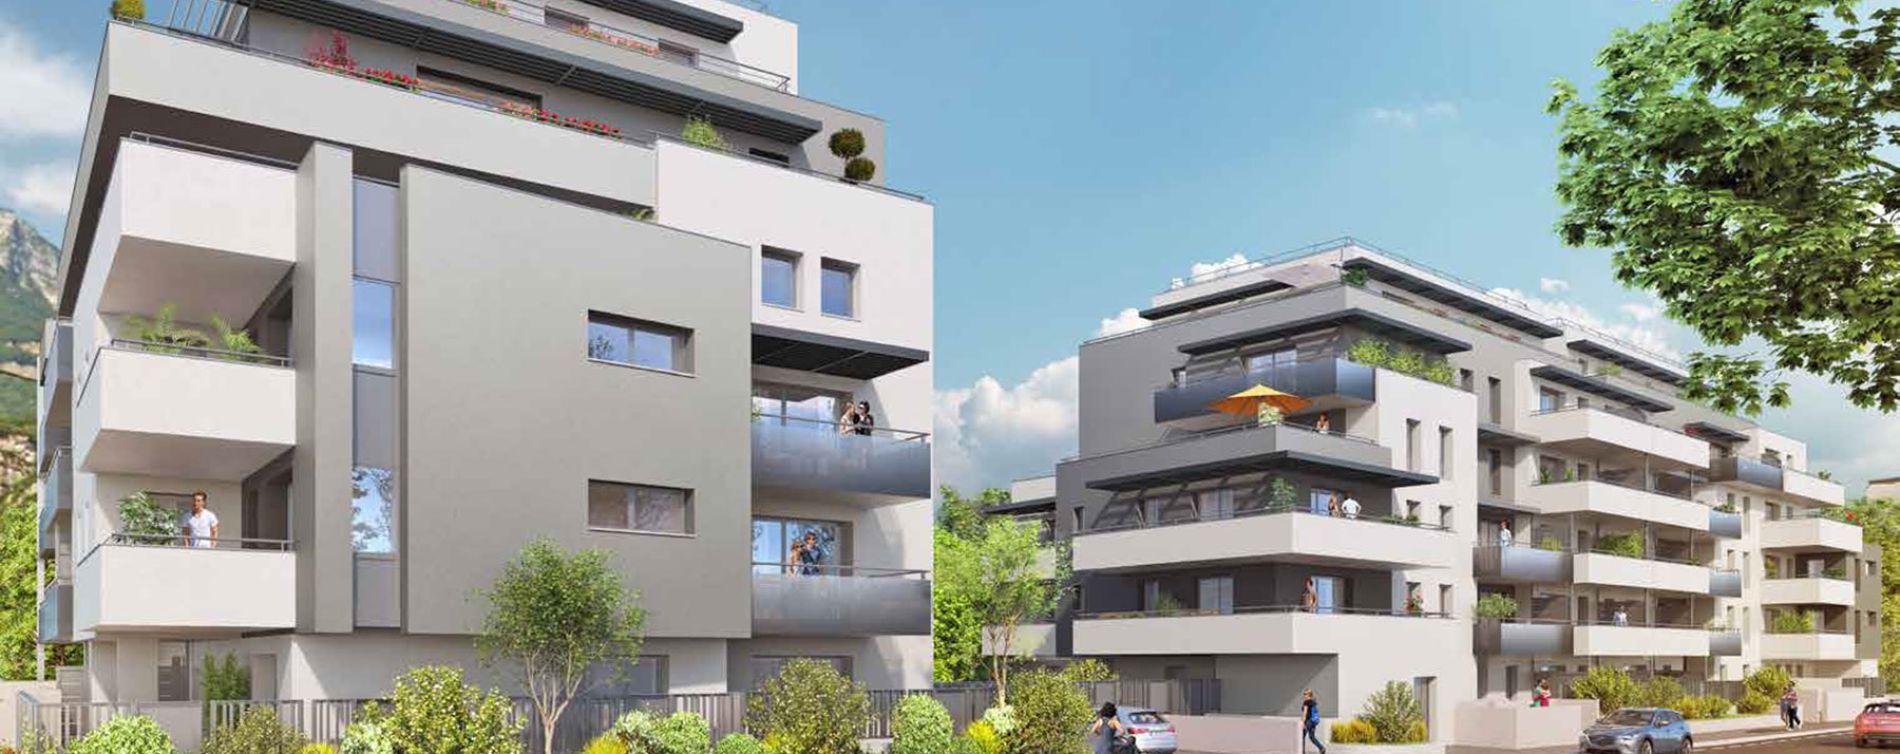 Le Pont-de-Claix : programme immobilier neuve « New Air »